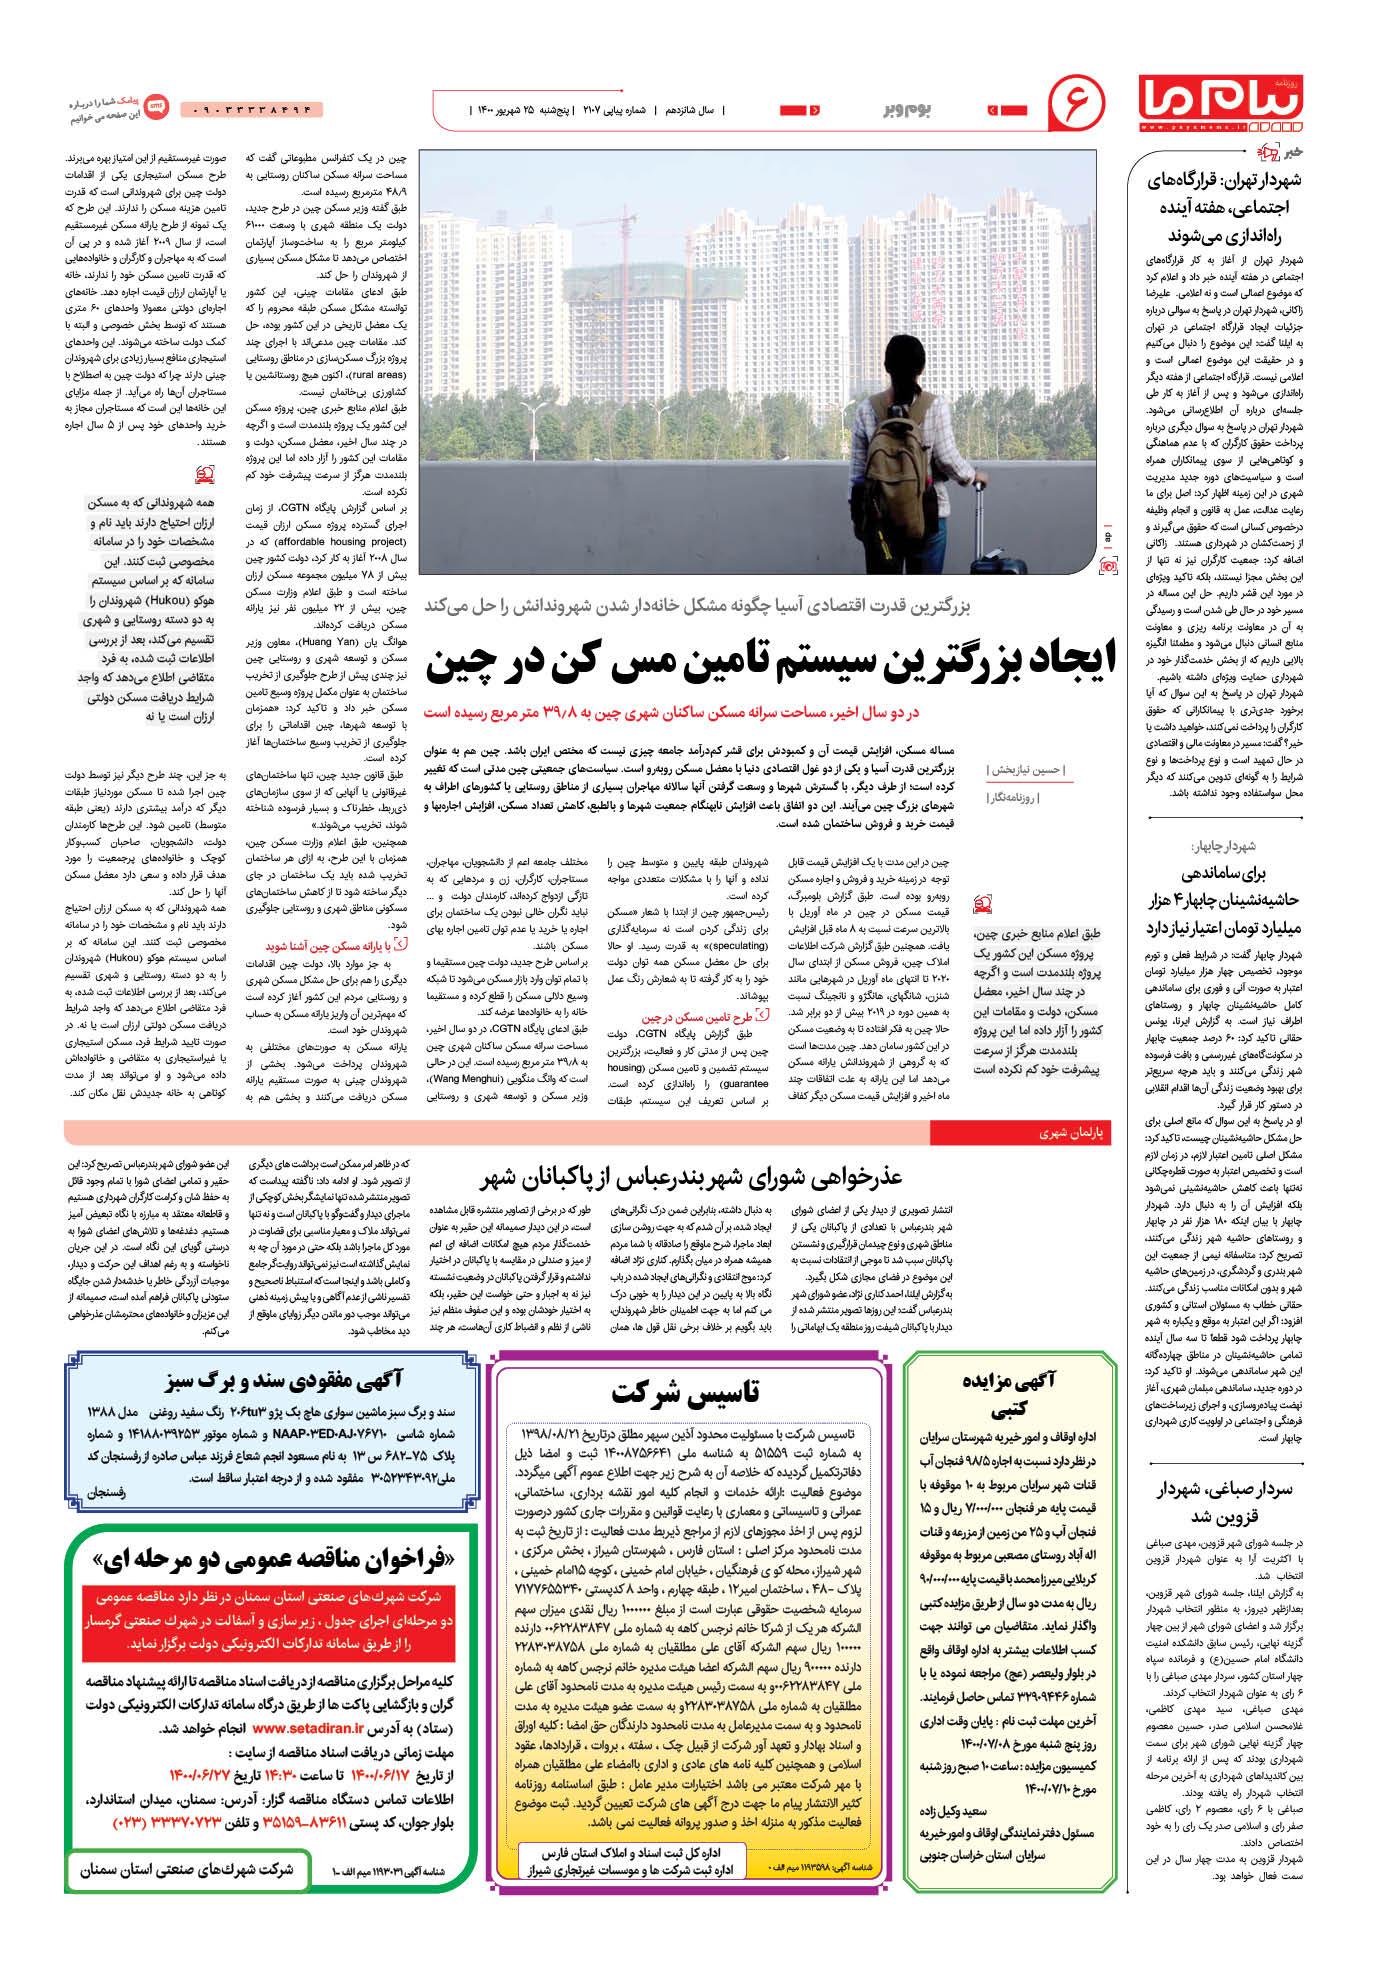 صفحه بوم و بر شماره 2107 روزنامه پیام ما